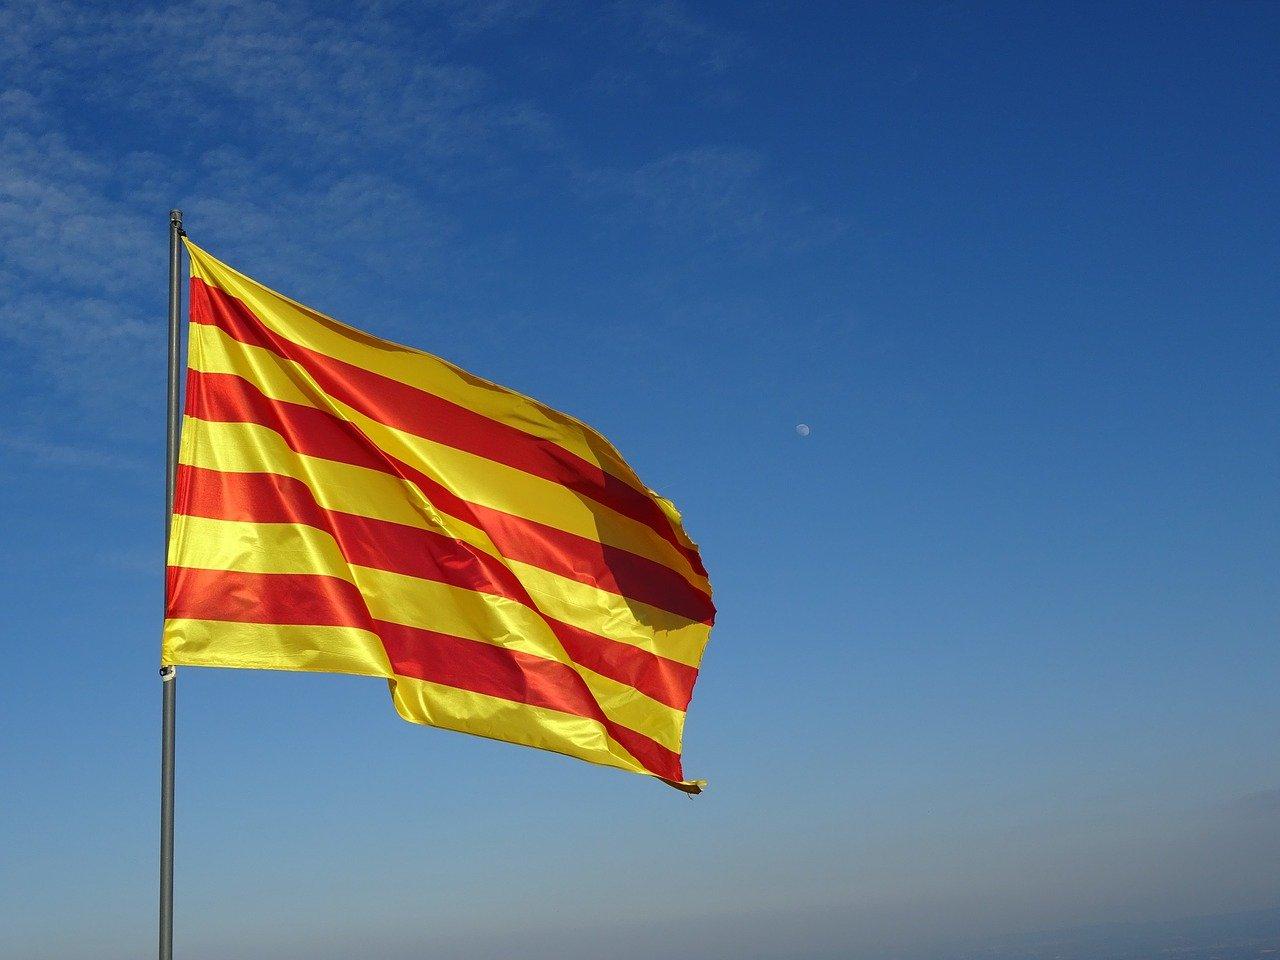 Drapeau Catalan rayé jaune et rouge